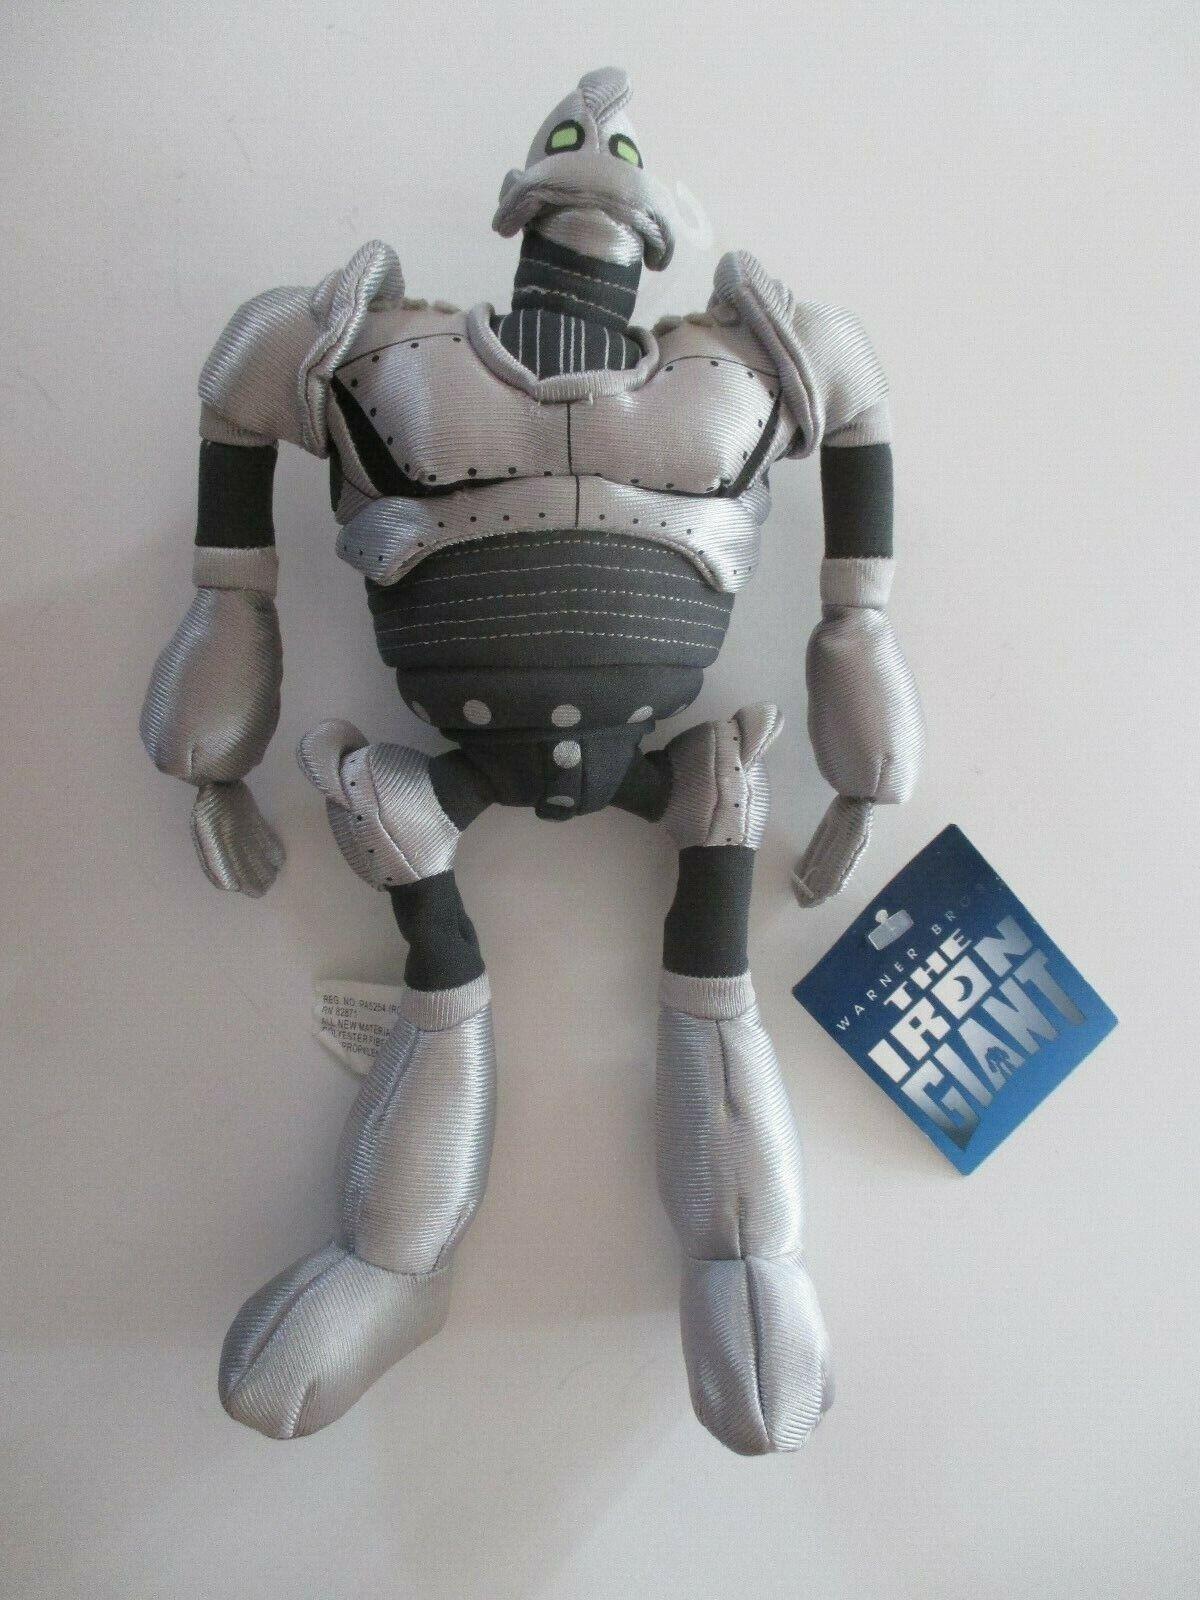 El gigante de hierro 1999 WARNER BROS Store Exclusive 10  Felpa Nuevo con etiquetas casi nuevo difícil de encontrar